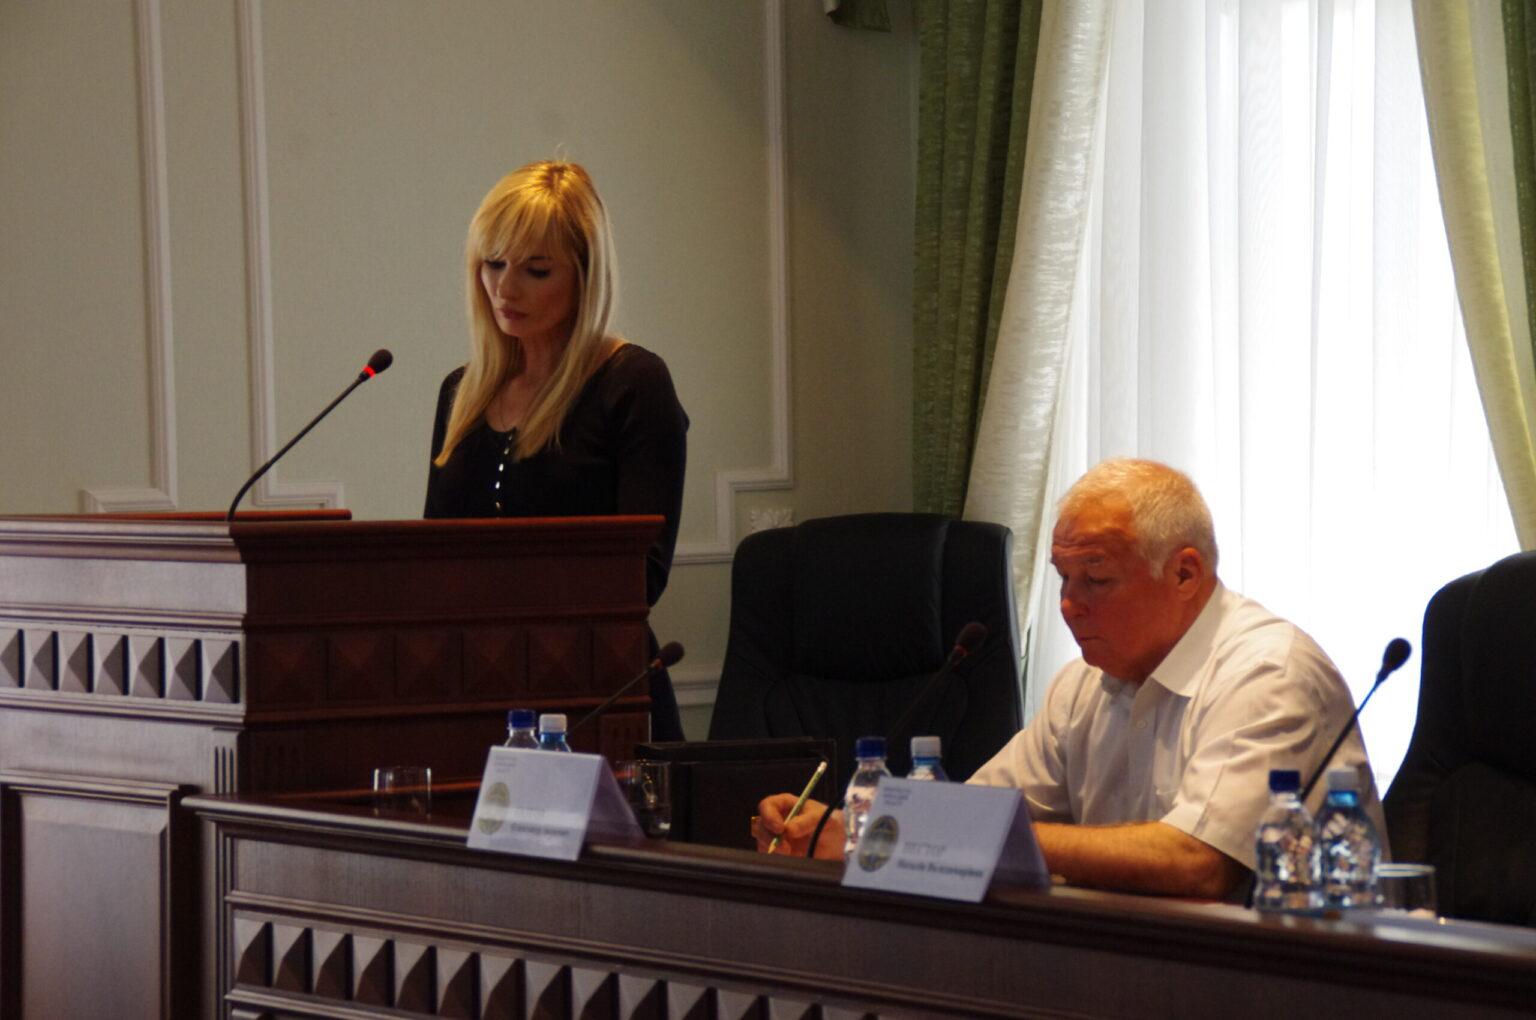 Заступник директора Київського науково-дослідного інституту судових експертиз Наталія Нестор